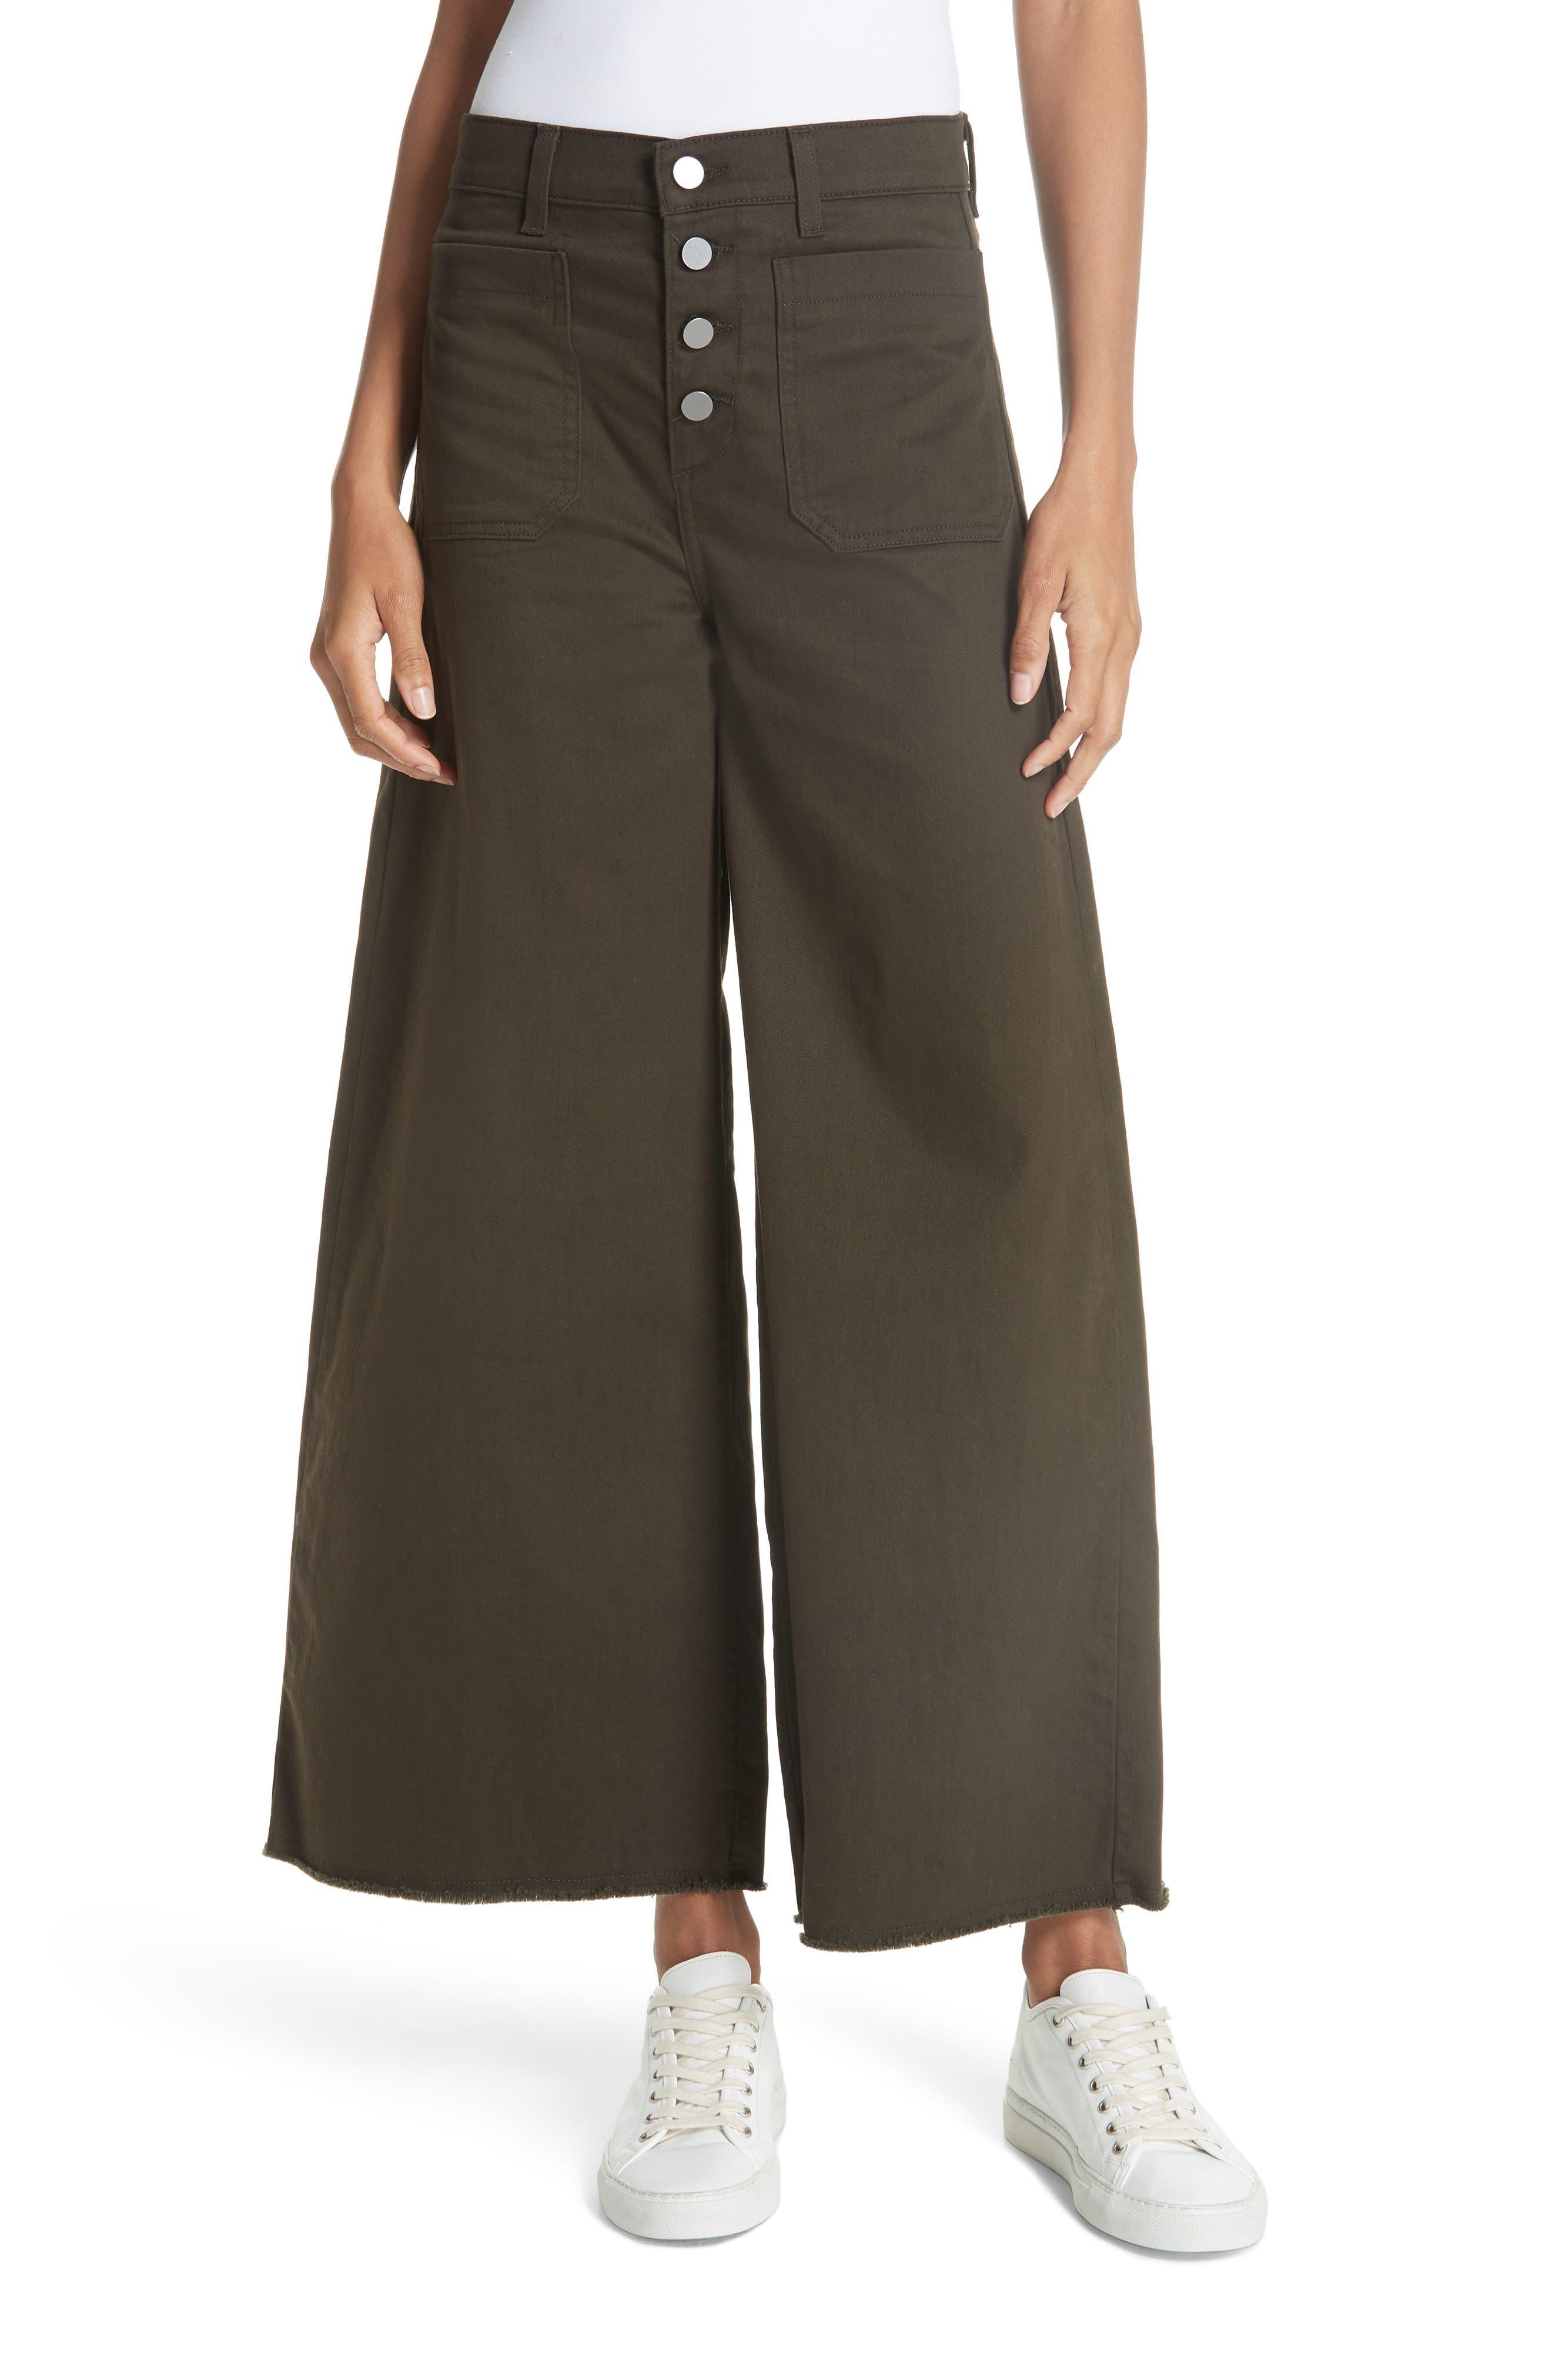 Carmine High Waist Wide Leg Crop Jeans,                             Main thumbnail 1, color,                             COMBAT